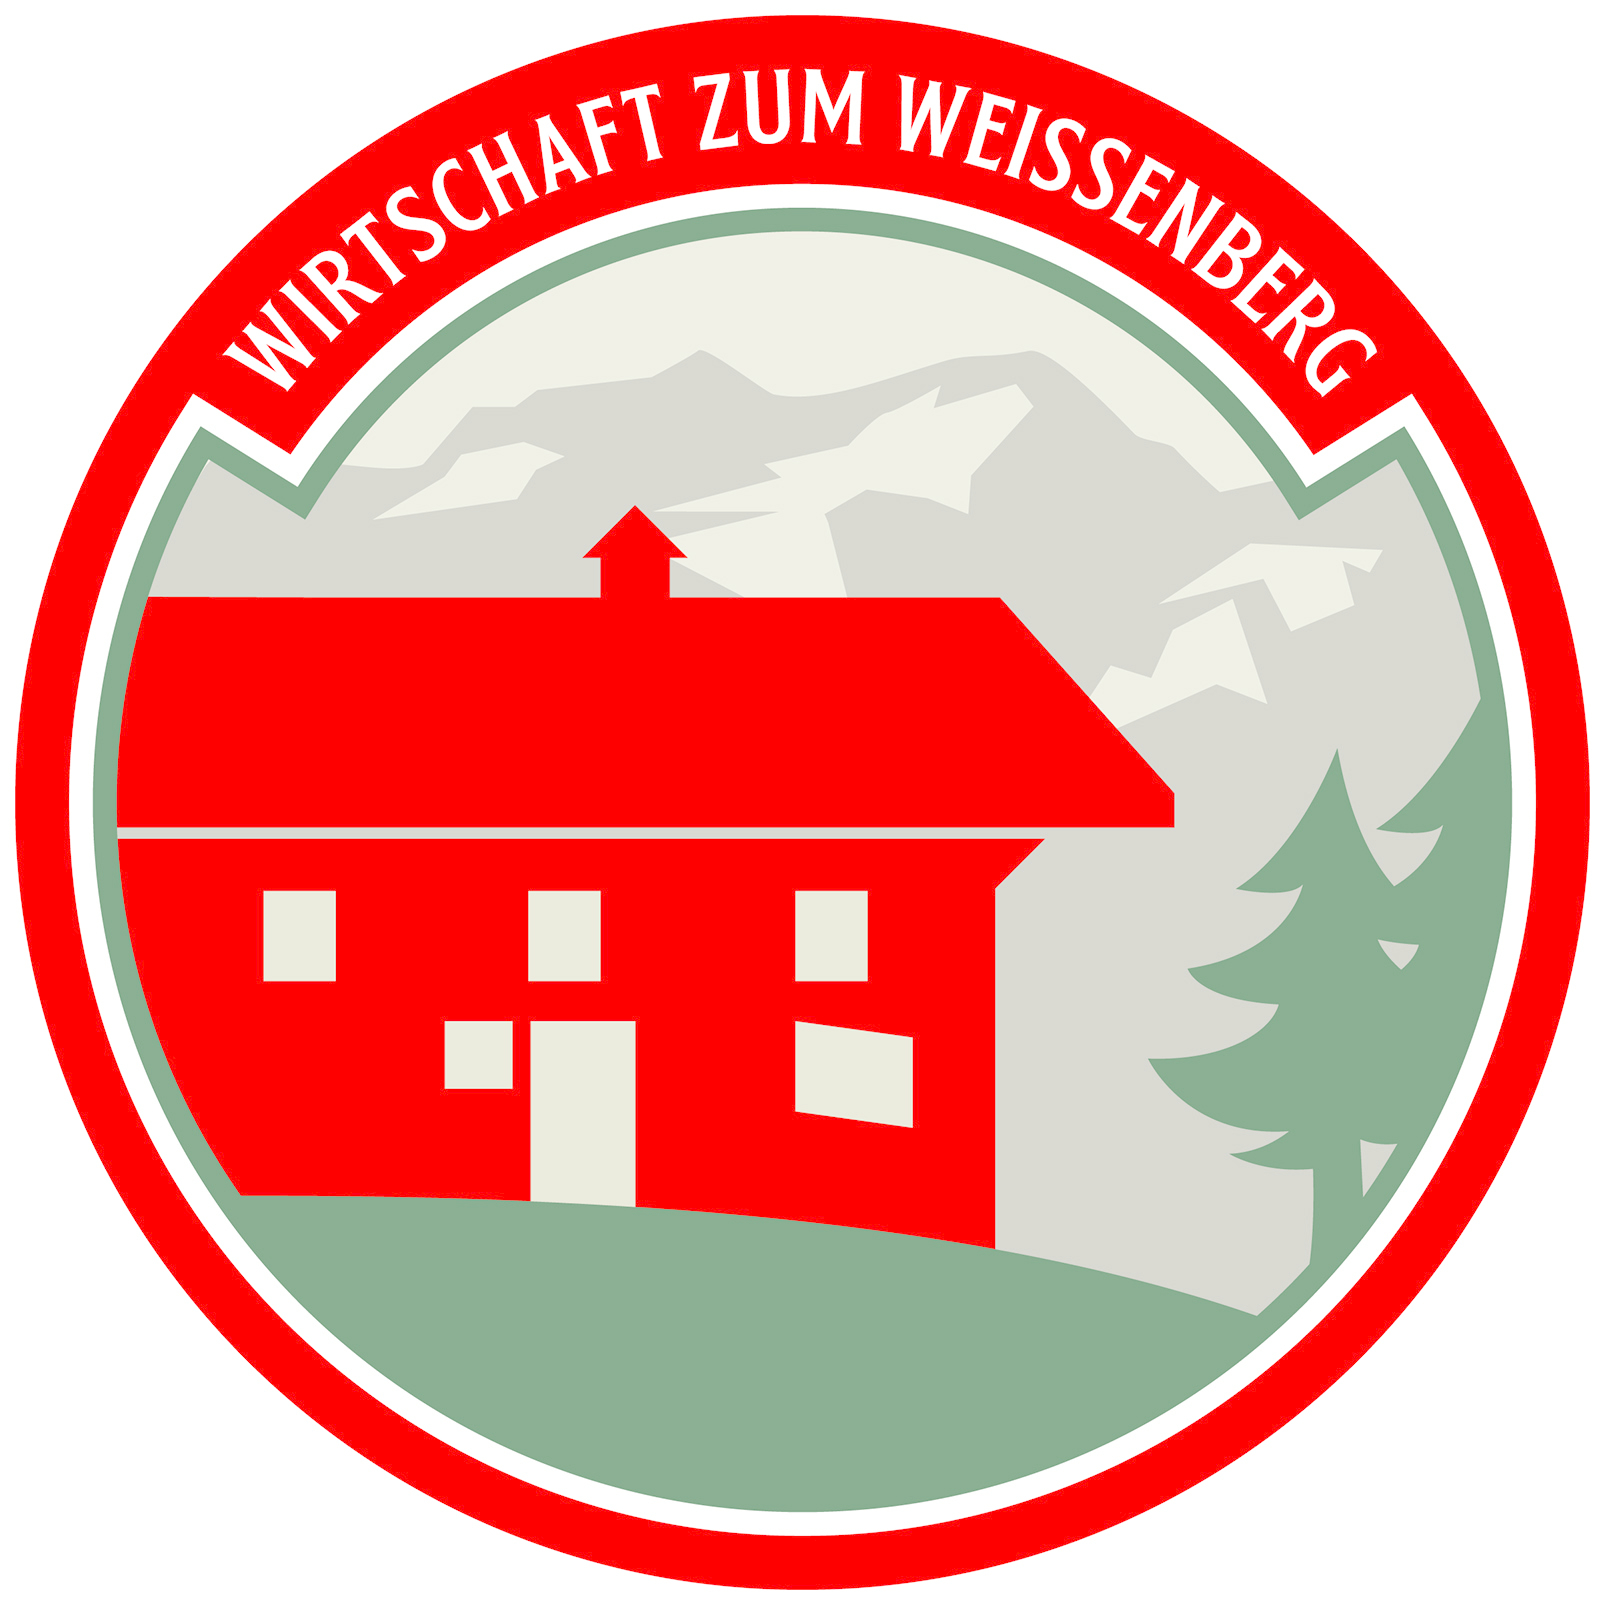 Wirtschaft zum Weissenberg - Sonntags-Brunch